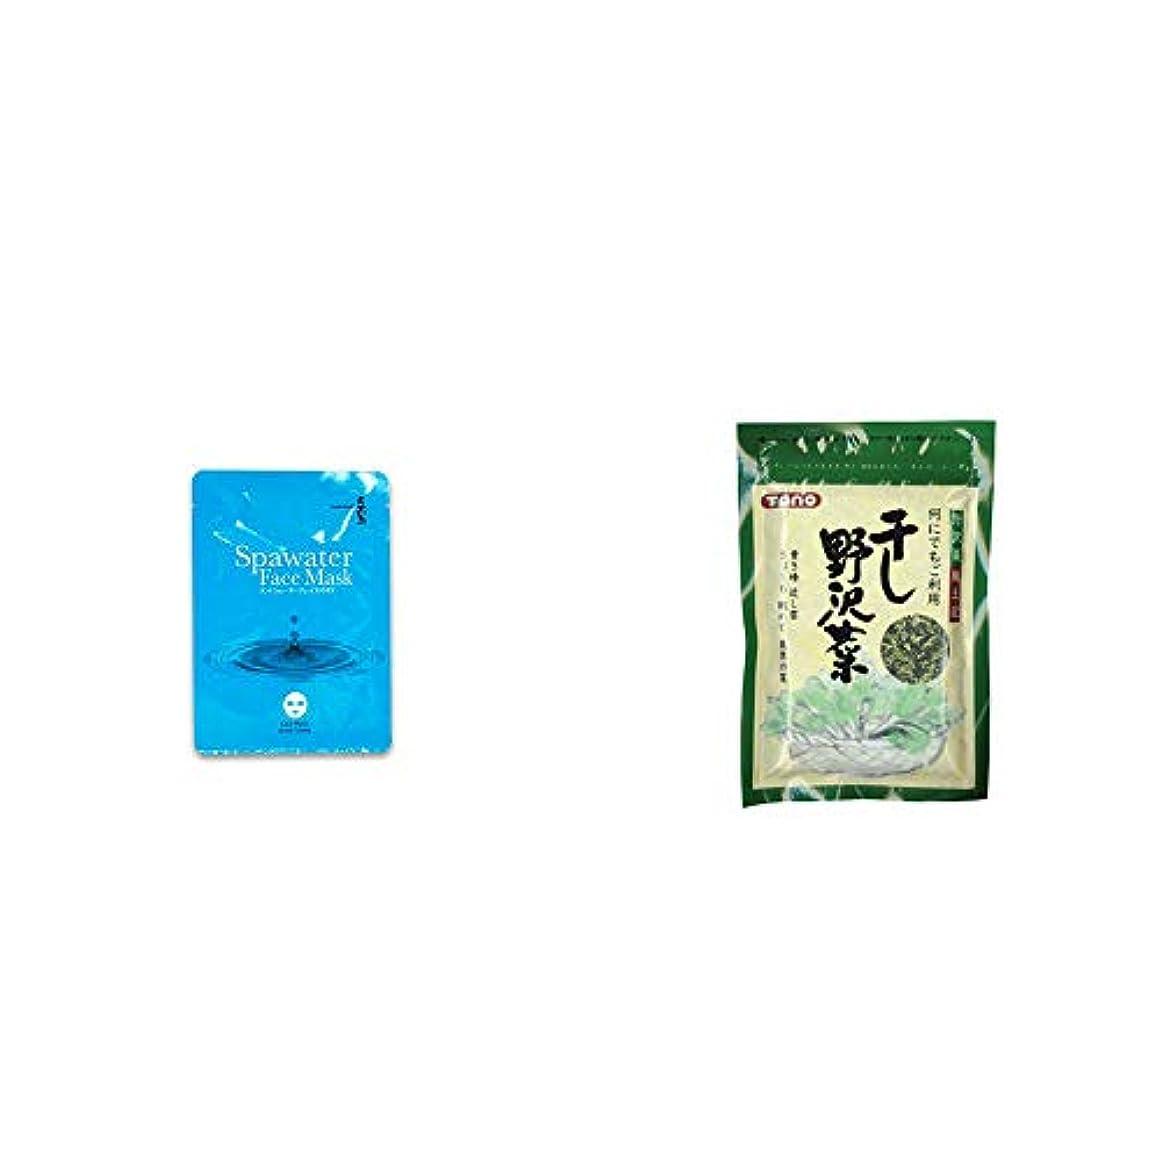 クラックポットピクニック菊[2点セット] ひのき炭黒泉 スパウォーターフェイスマスク(18ml×3枚入)?干し野沢菜(100g)